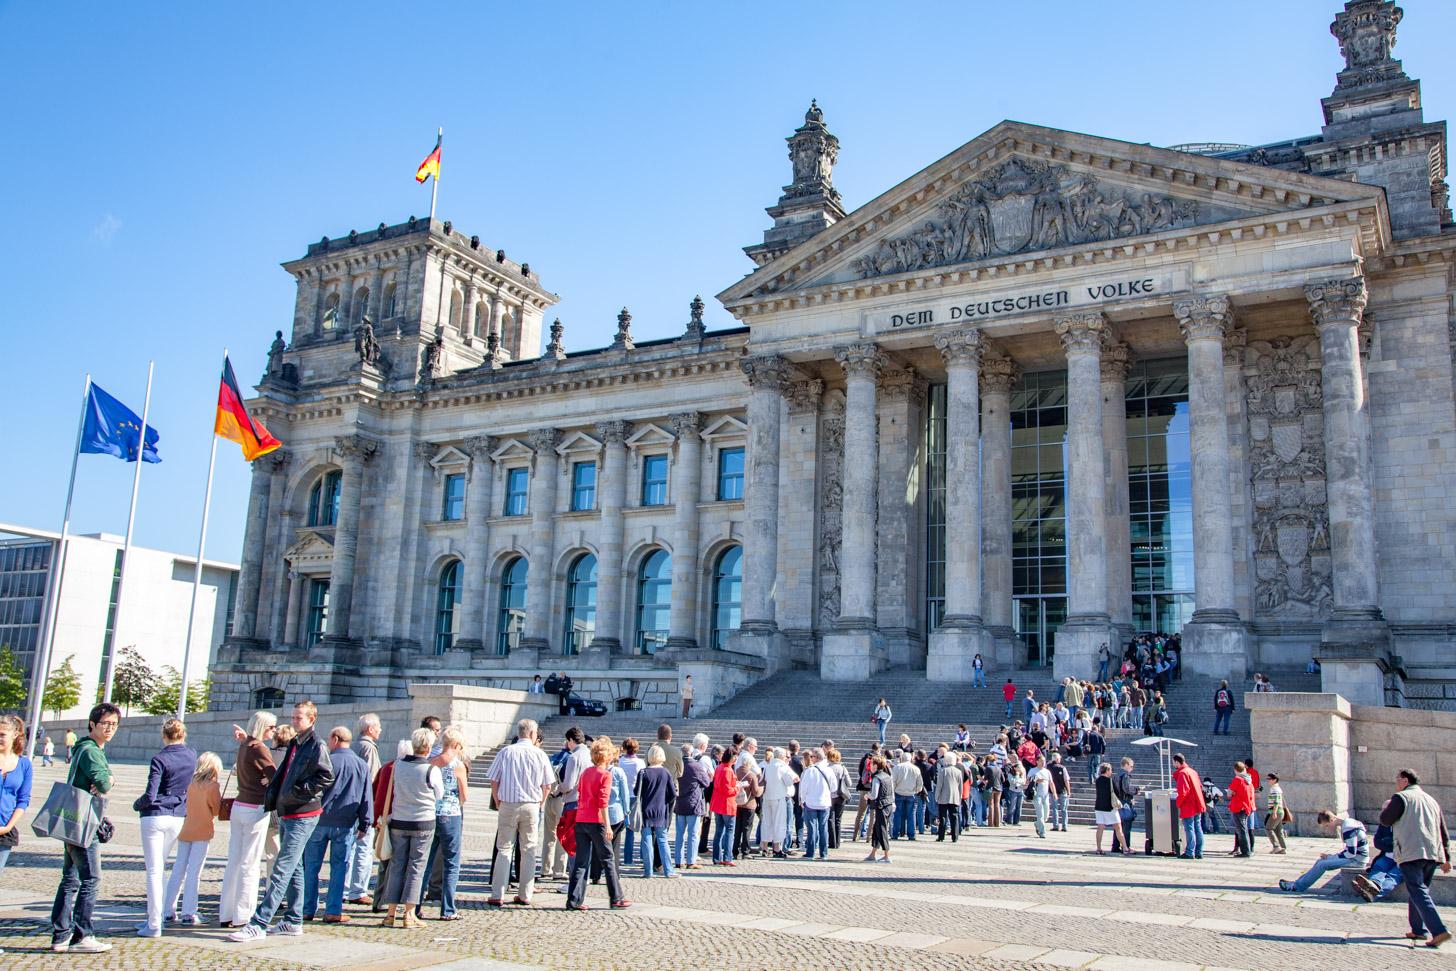 De wachtrij zoals die vroeger voor de Rijksdag voorkwam